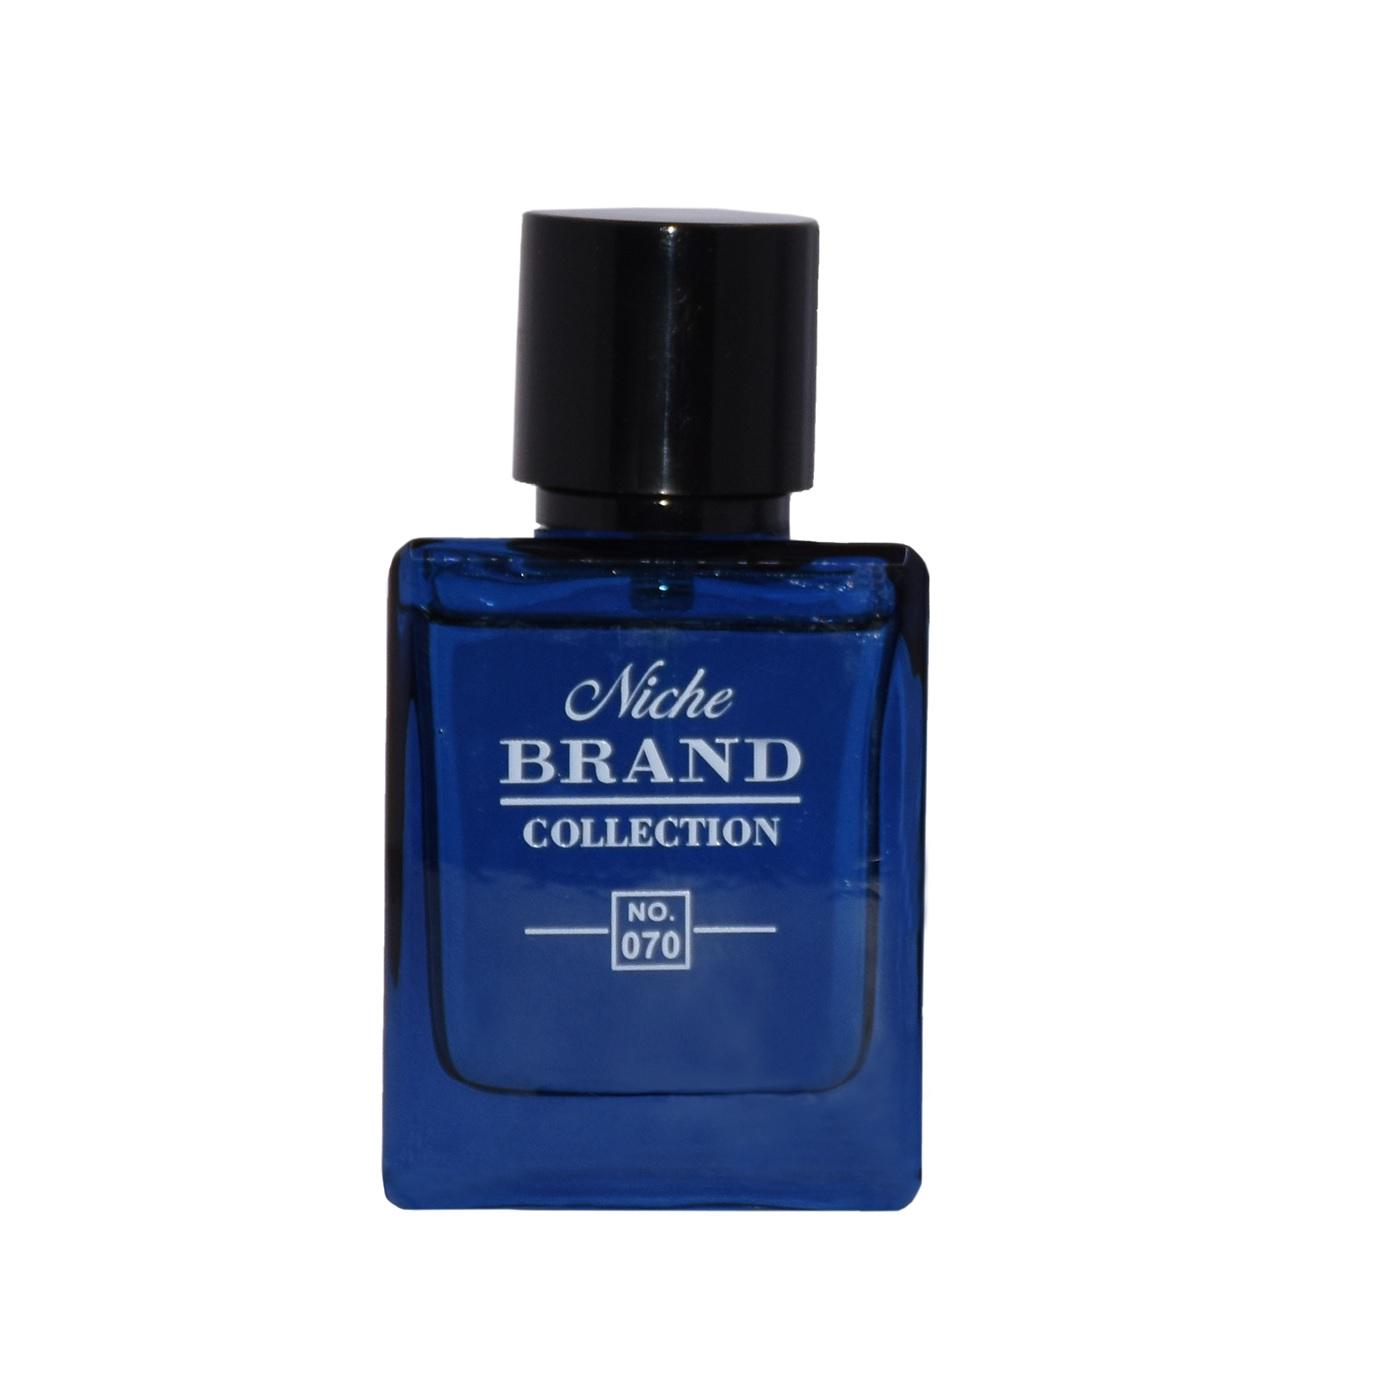 ادوپرفیوم مردانه نیچ  برند کالکشن مدل 070-Bleu de Chanel حجم 25 میلی لیتر